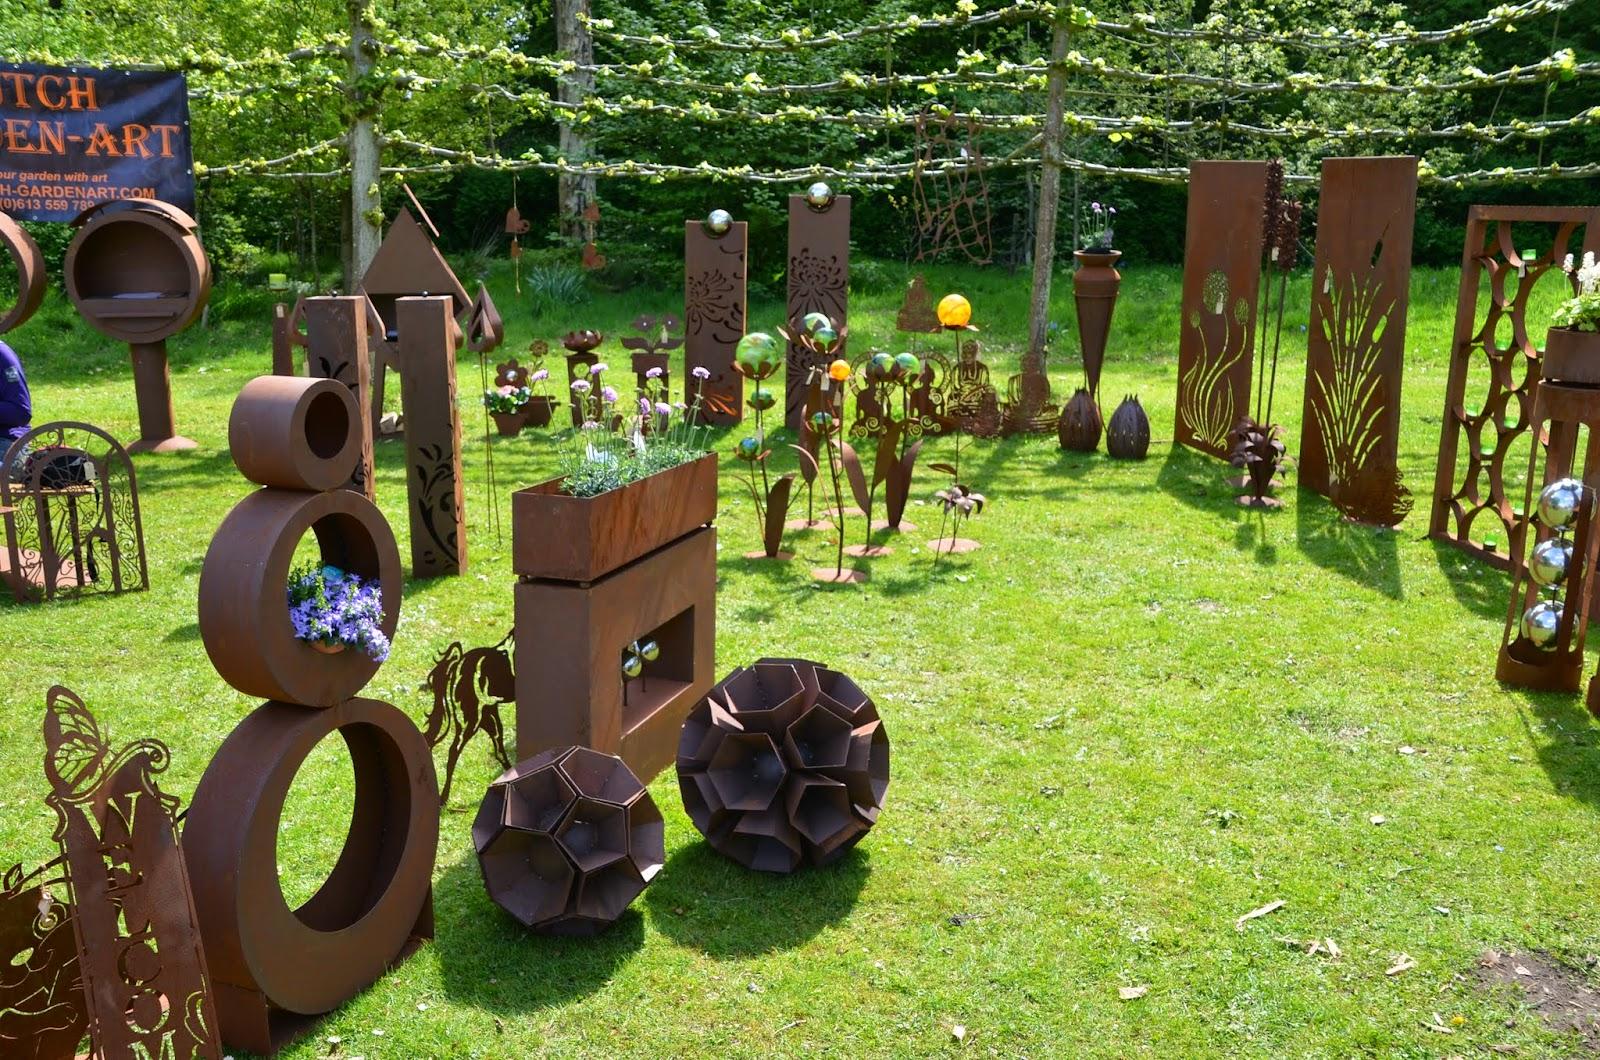 mon jardin mes merveilles beervelde mai 2015 3 4 d co arrangements floraux. Black Bedroom Furniture Sets. Home Design Ideas